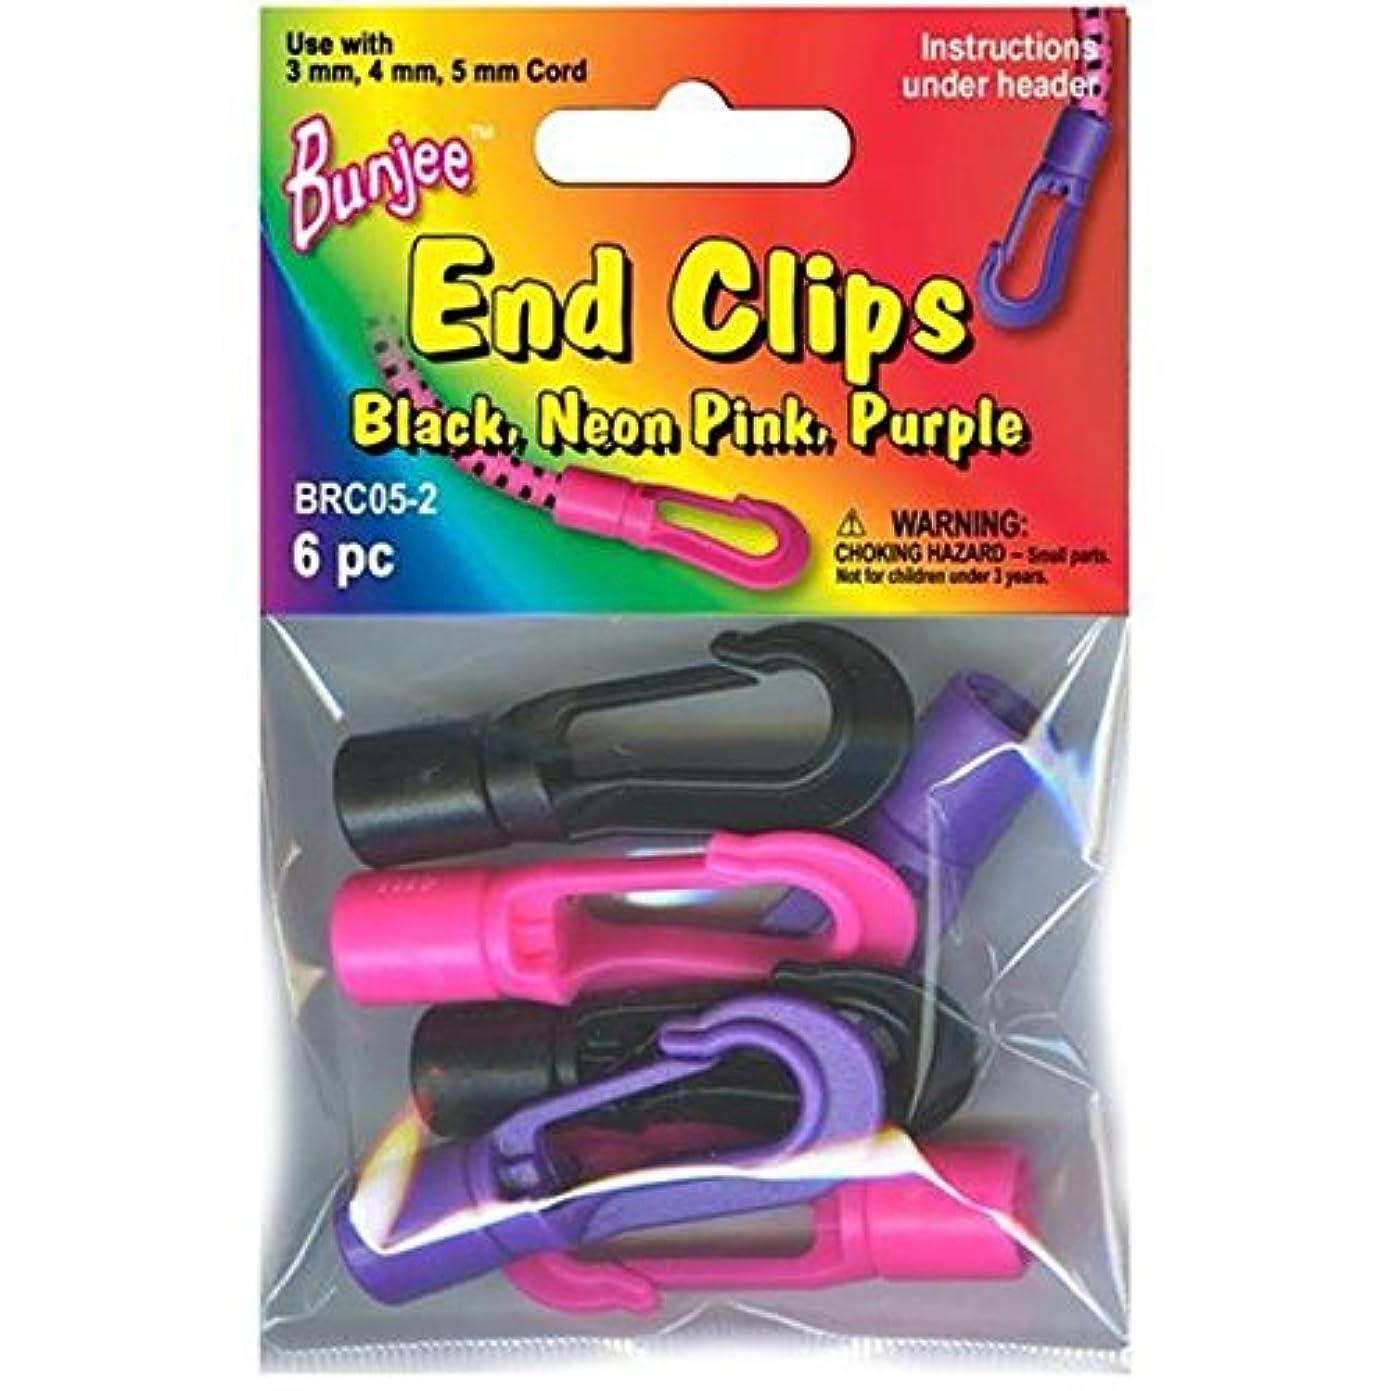 Pepperell Bunjee Cord Bracelet Hook Ends, Black/Neon Pink/Neon Purple, 6 Per Package jo05049642